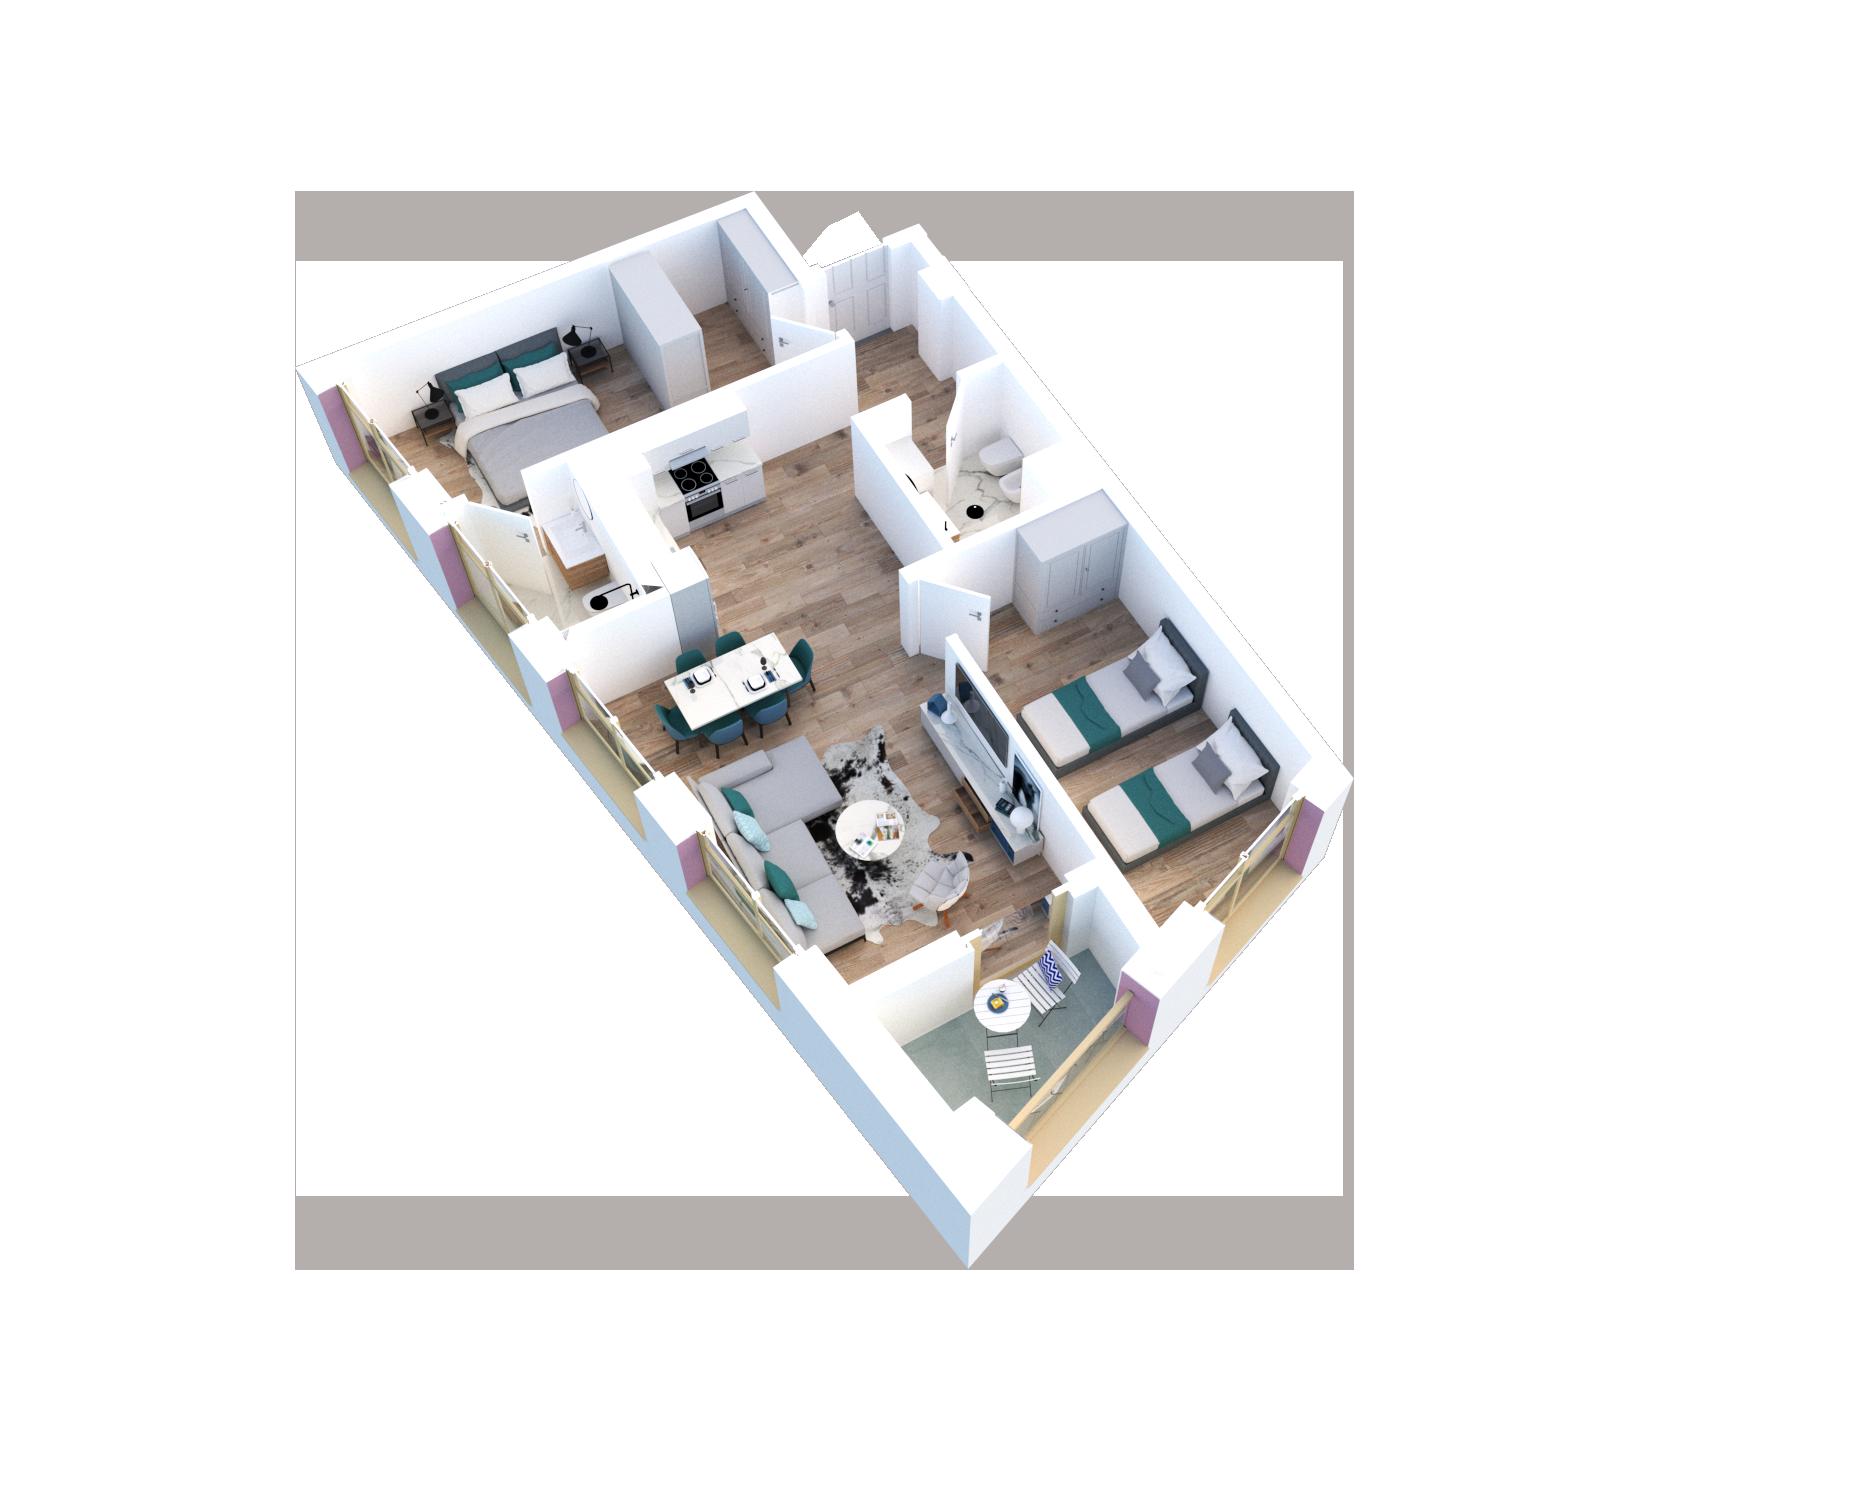 Apartament 2+1 në shitje në Tiranë - Mangalem 21 Shkalla 28 Kati 3